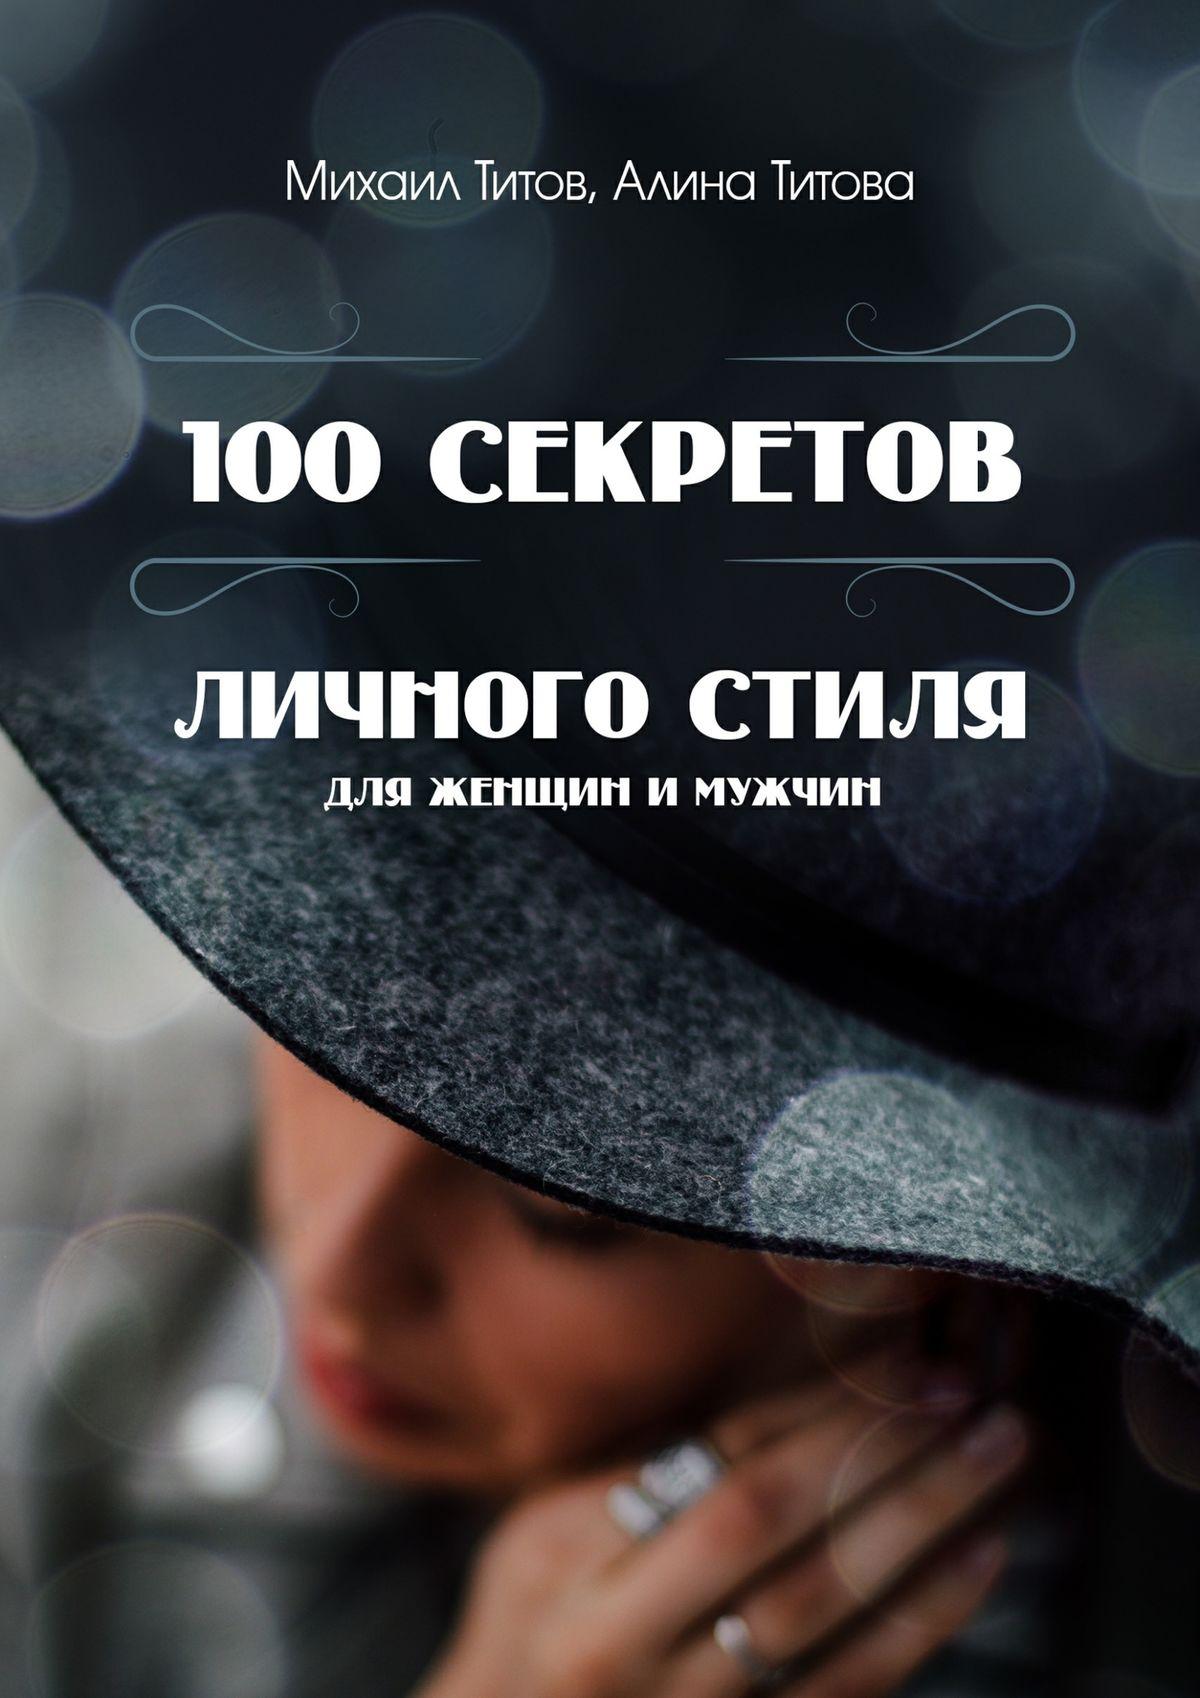 Михаил Титов 100 секретов личного стиля. Для женщин имужчин виктор елисеев как заработать на своем имени секреты создания личного бренда